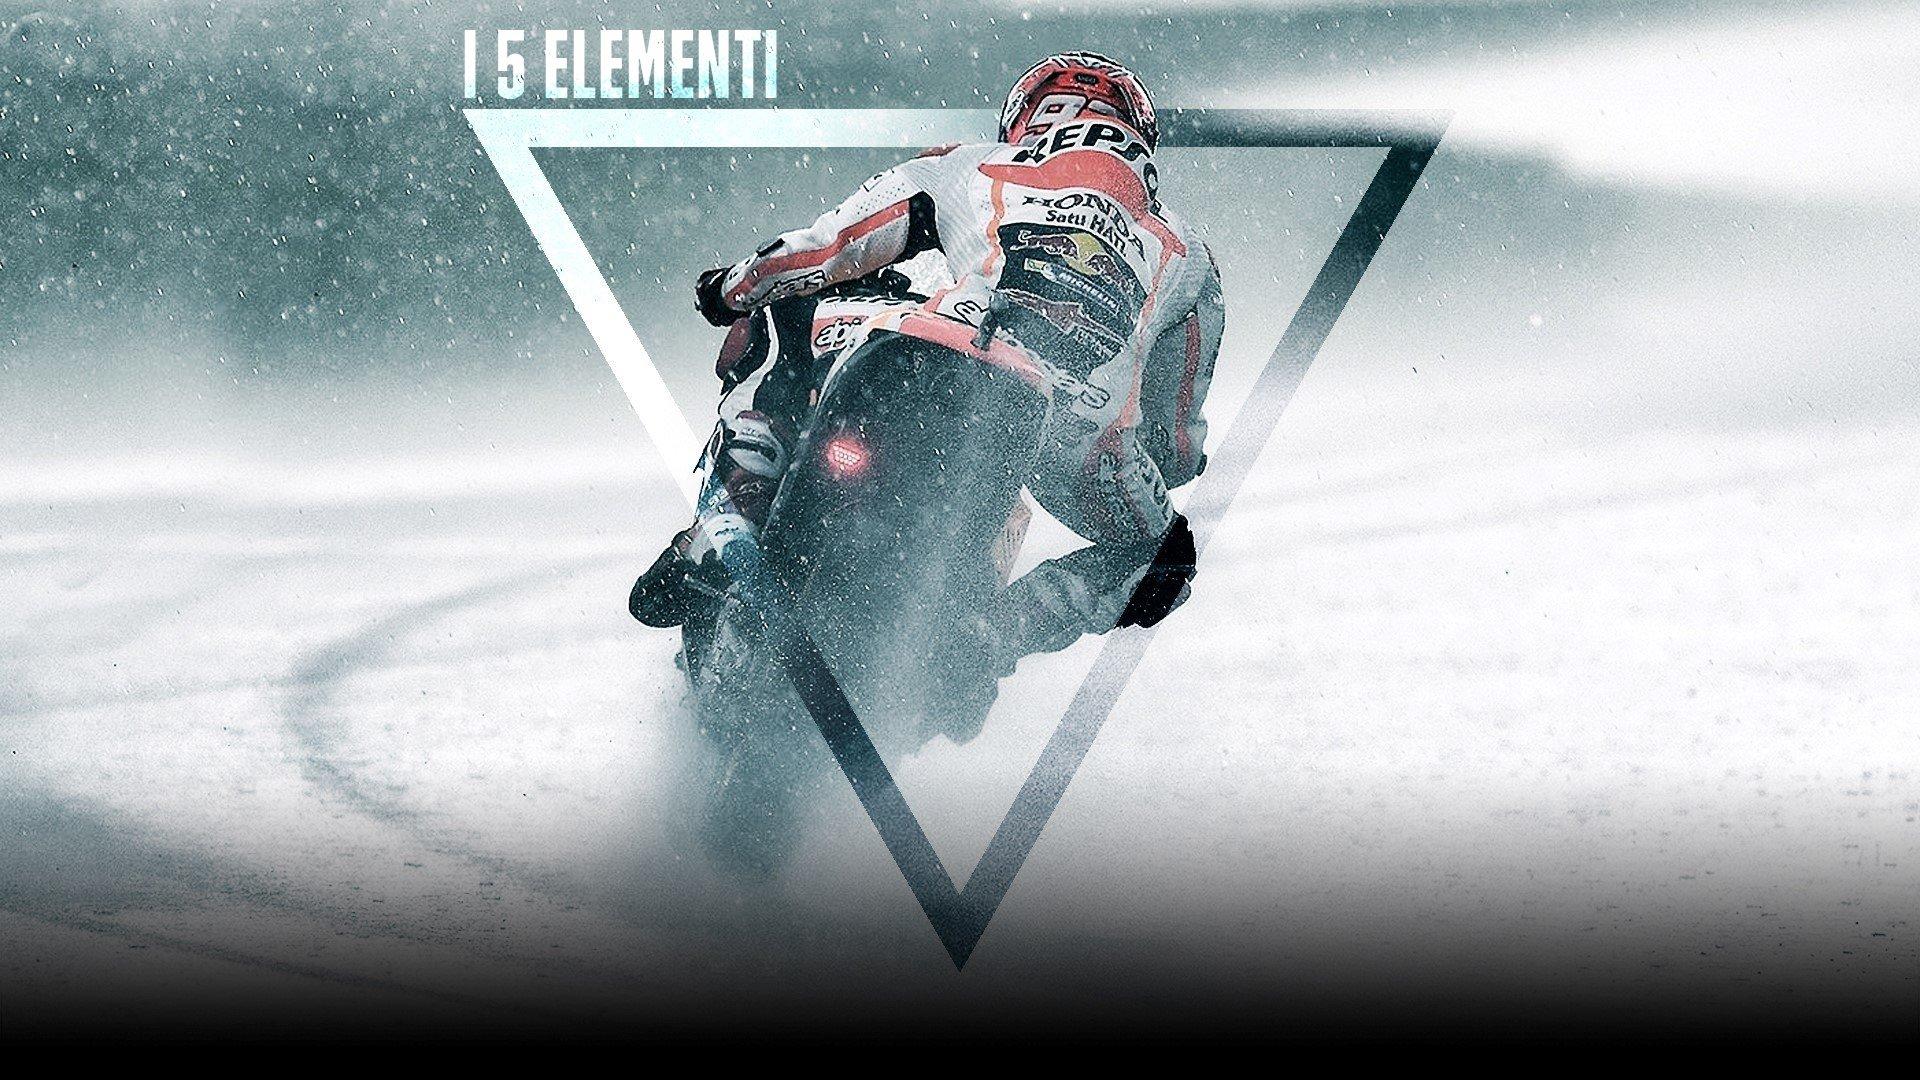 I «5 elementi» di DAZN, la nuova docu-serie dedicata al Motomondiale